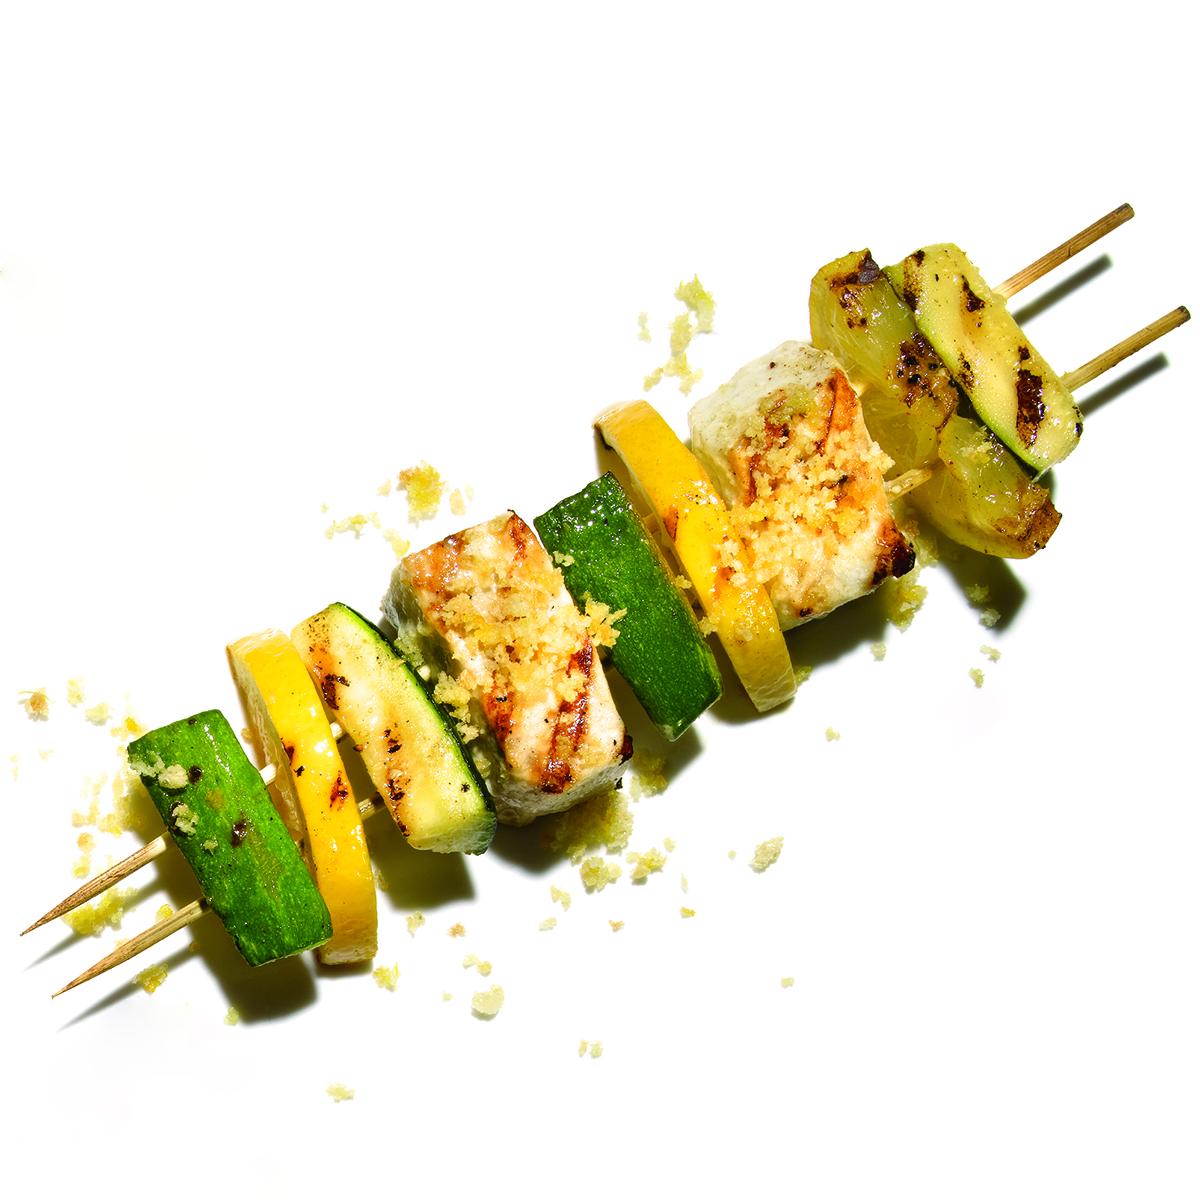 Parmesan-Crusted Swordfish